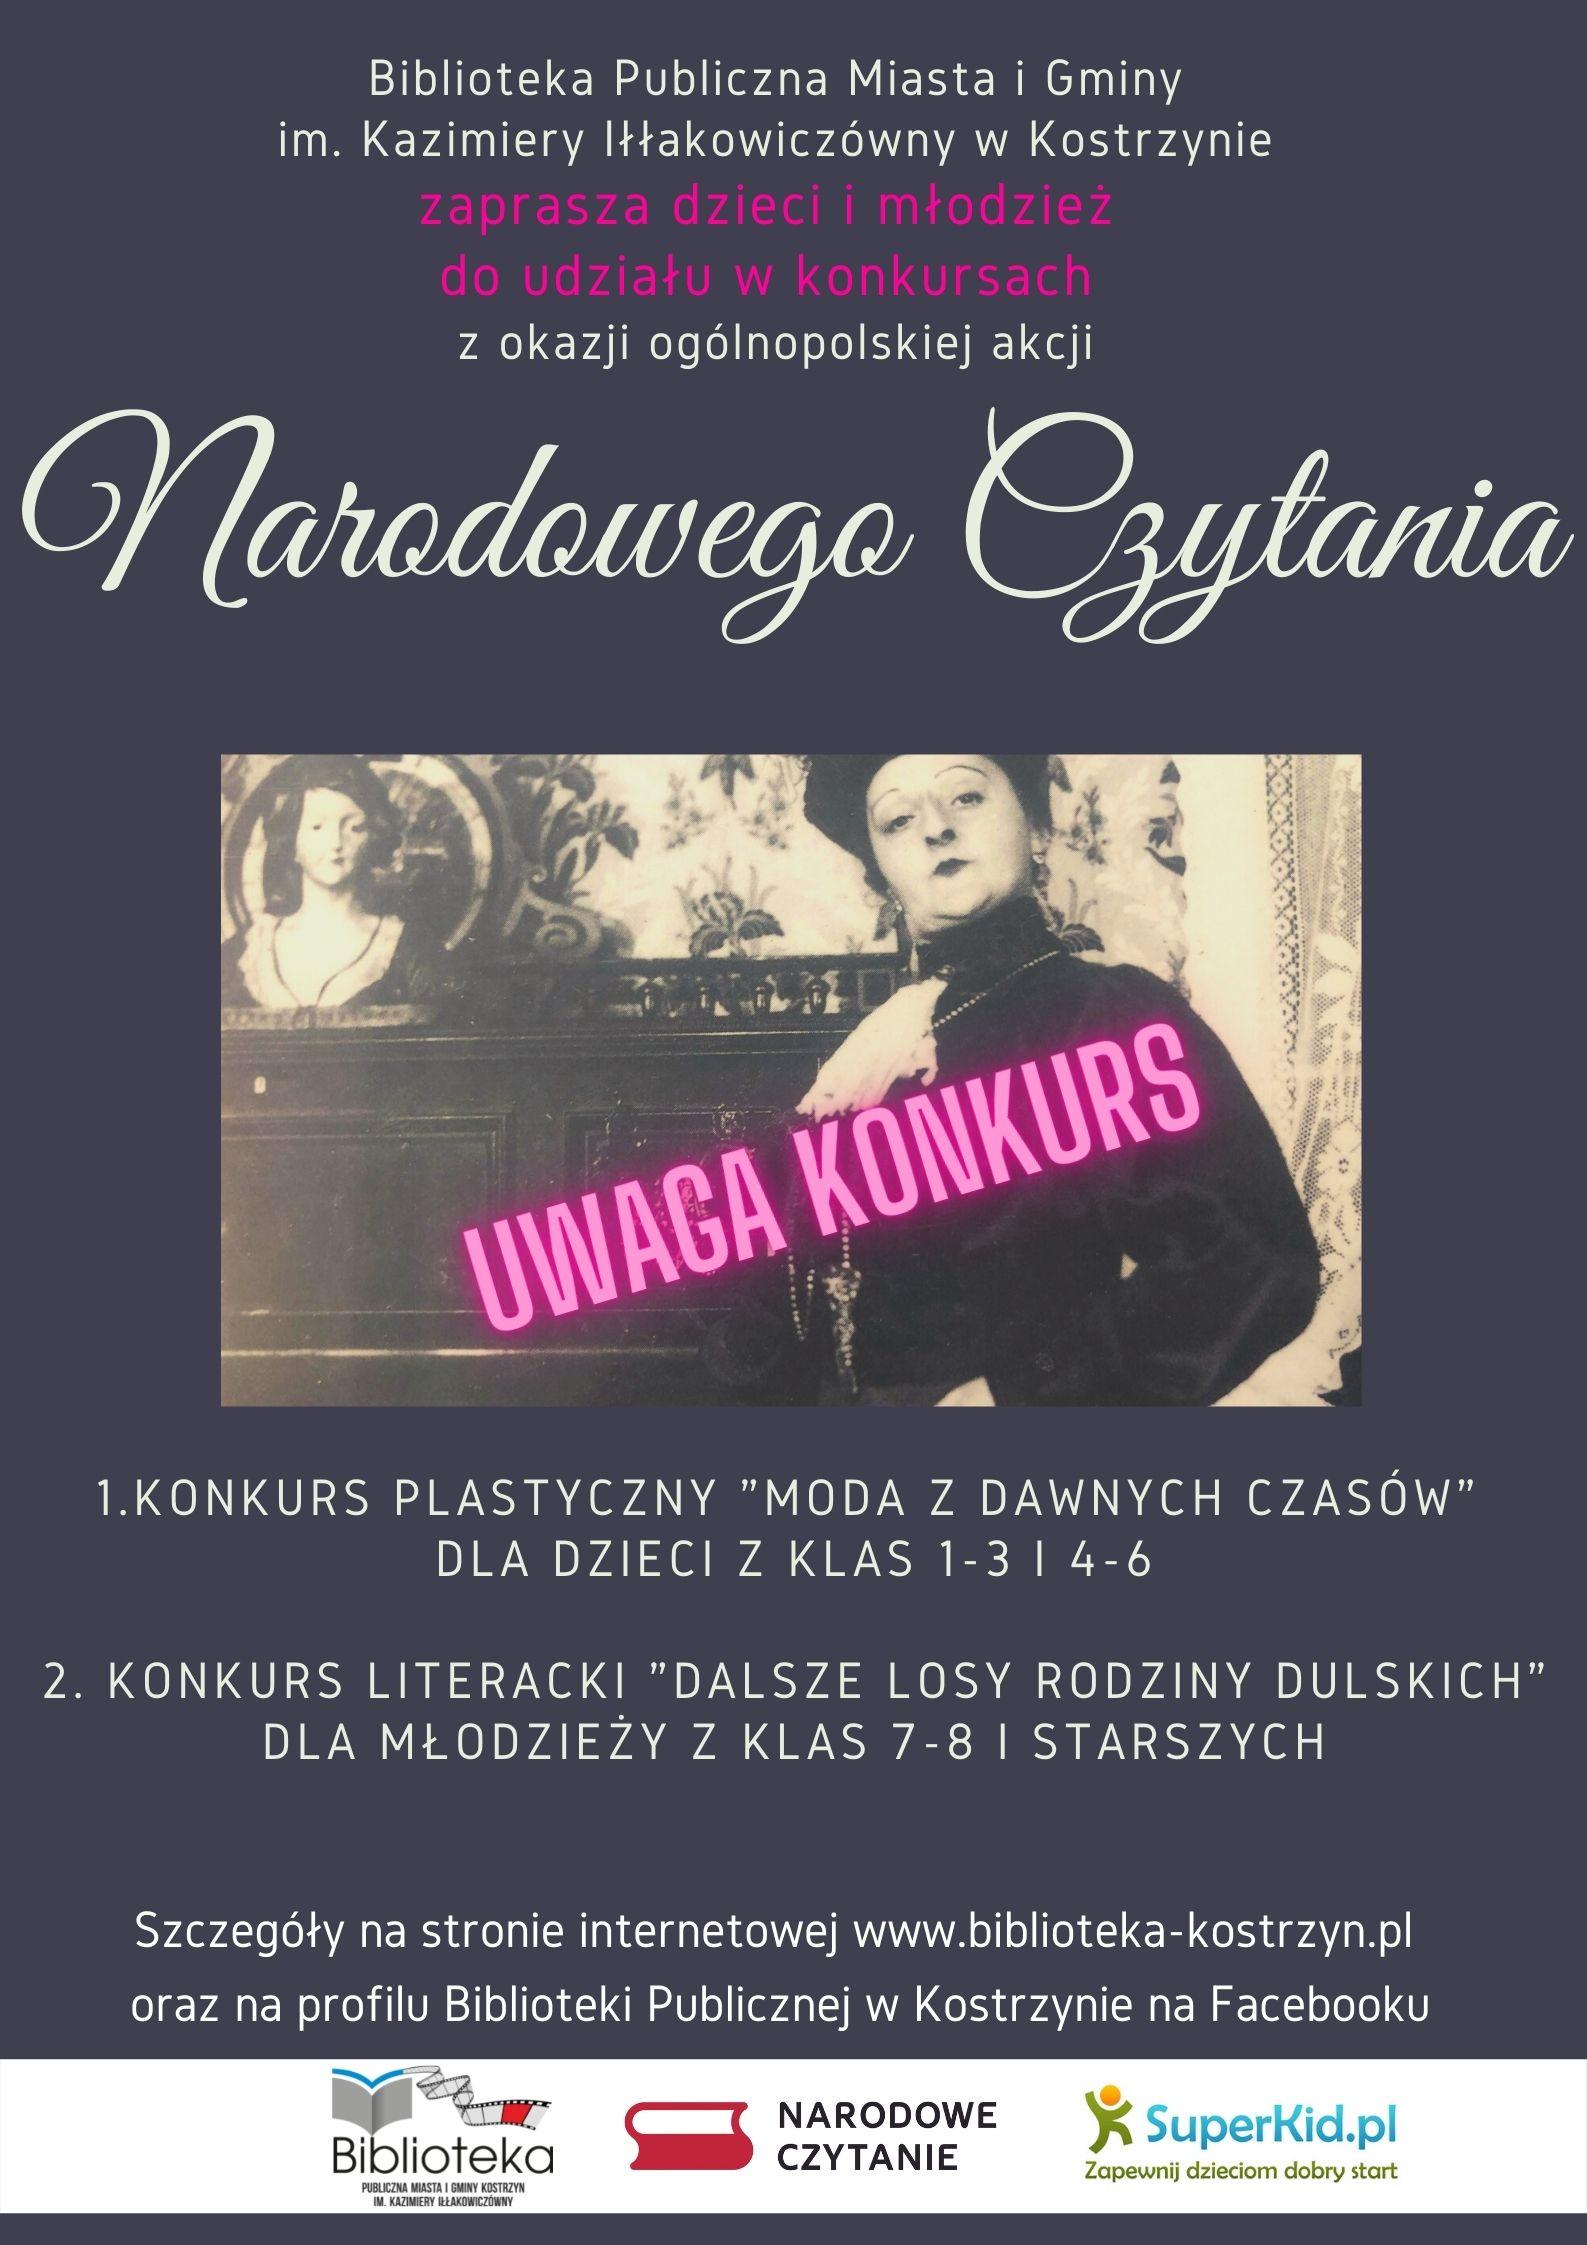 plakat na środku kadr z filmu Moralnosc Pani Dulskiej, pod nim infrmacja o konkursach